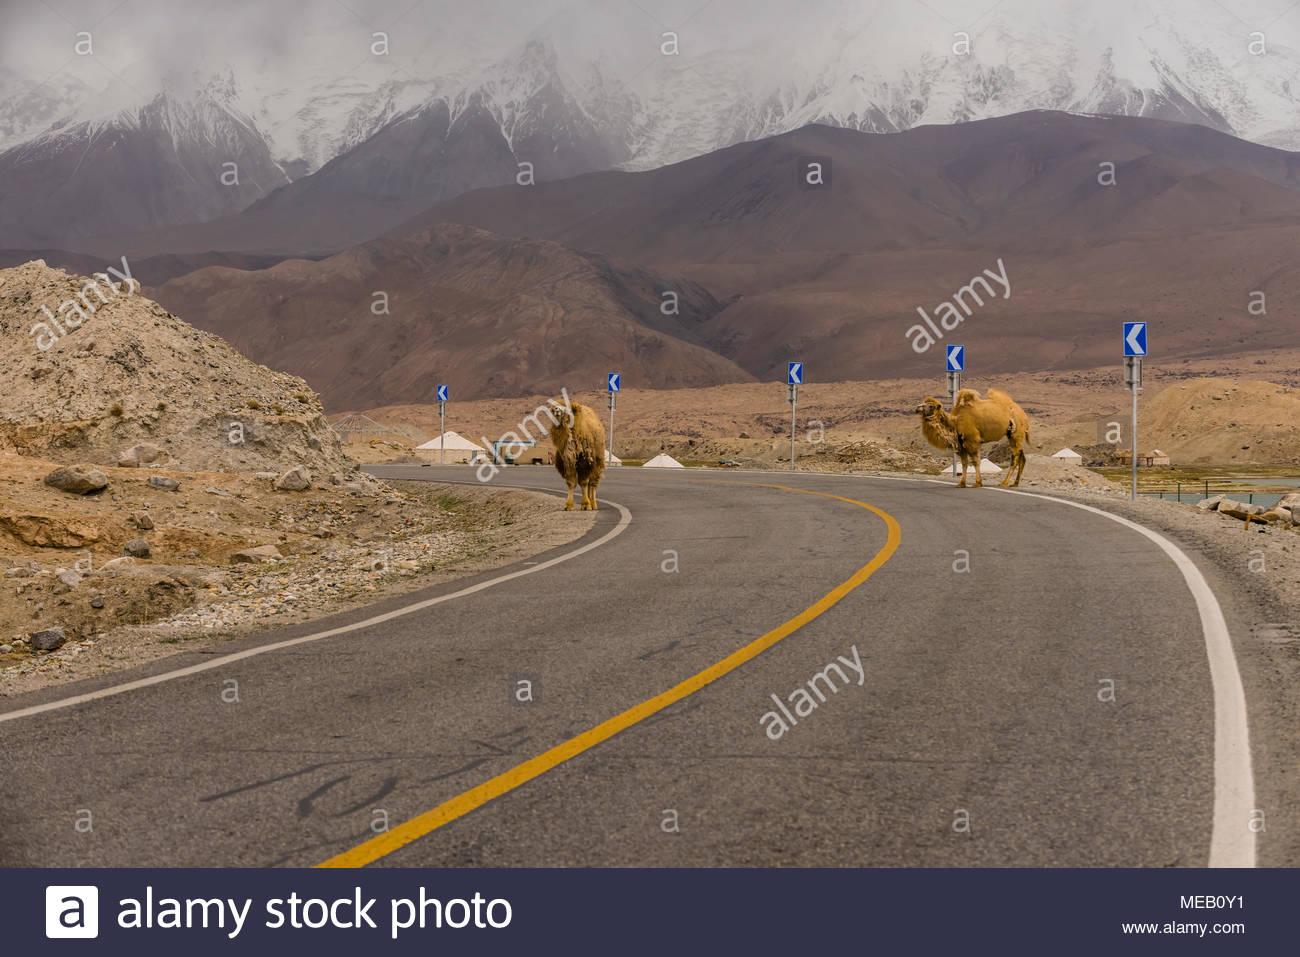 Bactrian camels on the Karakoram Highway at Lake Karakul, Xinjiang Province, China. - Stock Image